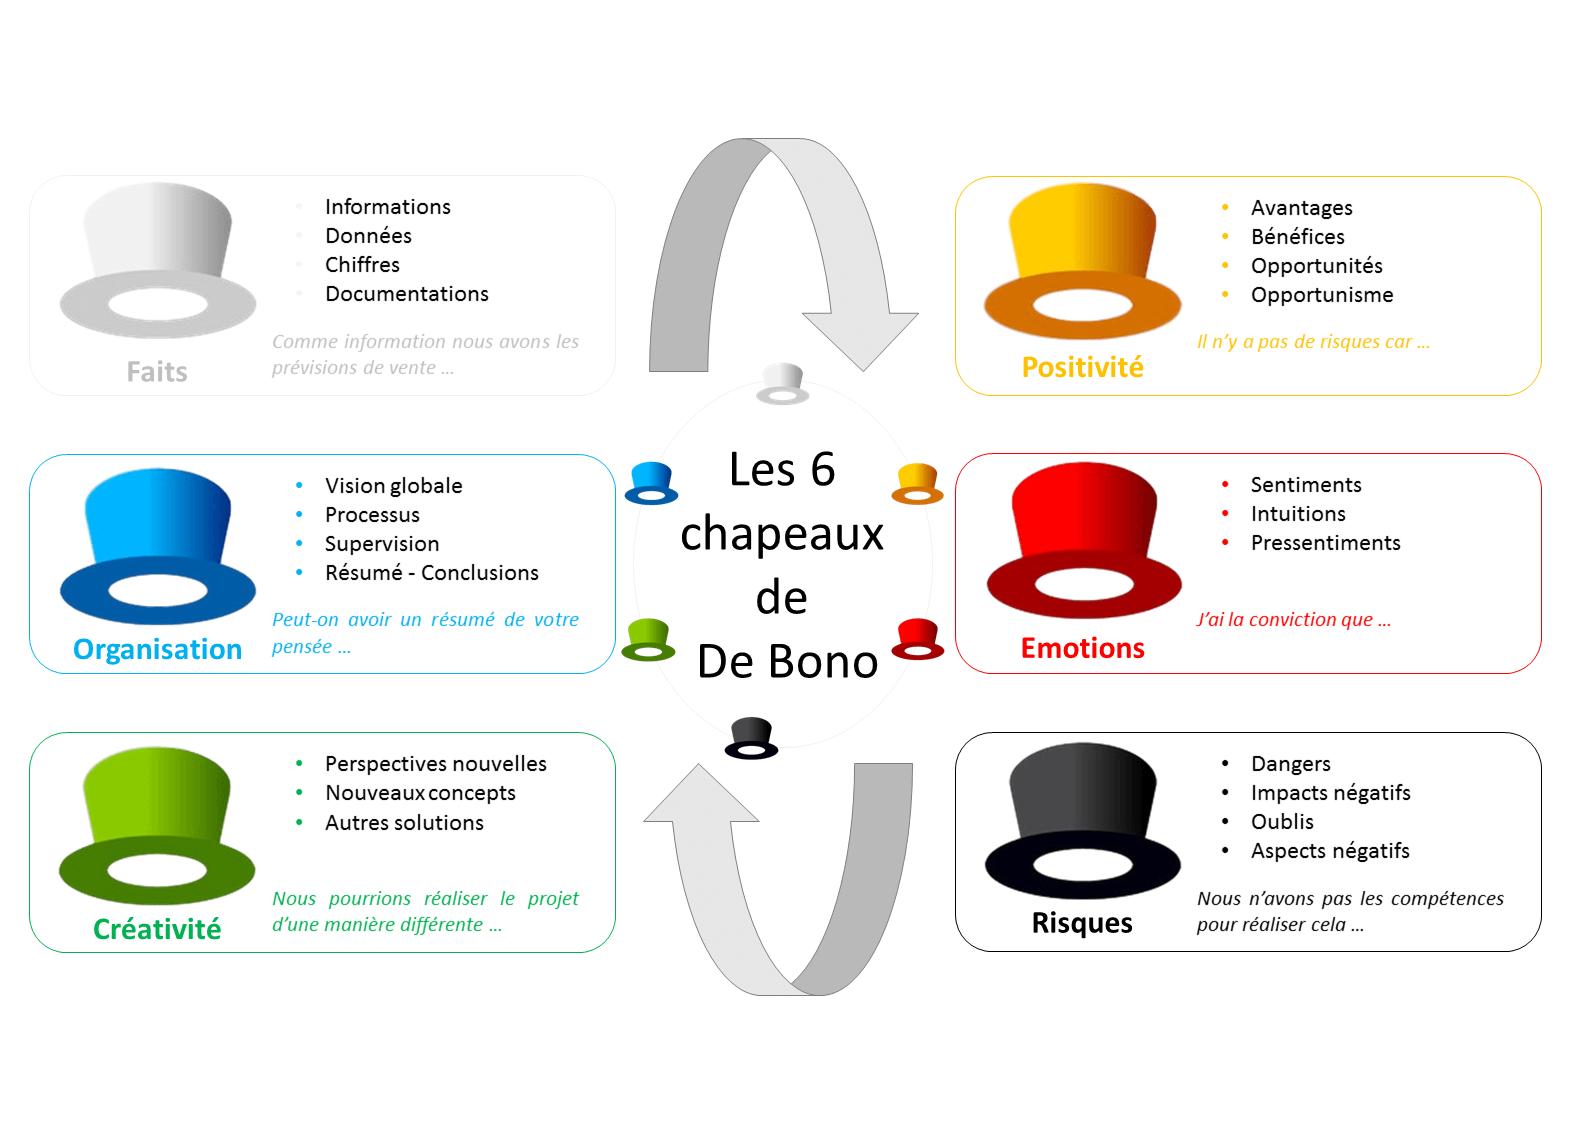 Les 6 Chapeaux De De Bono